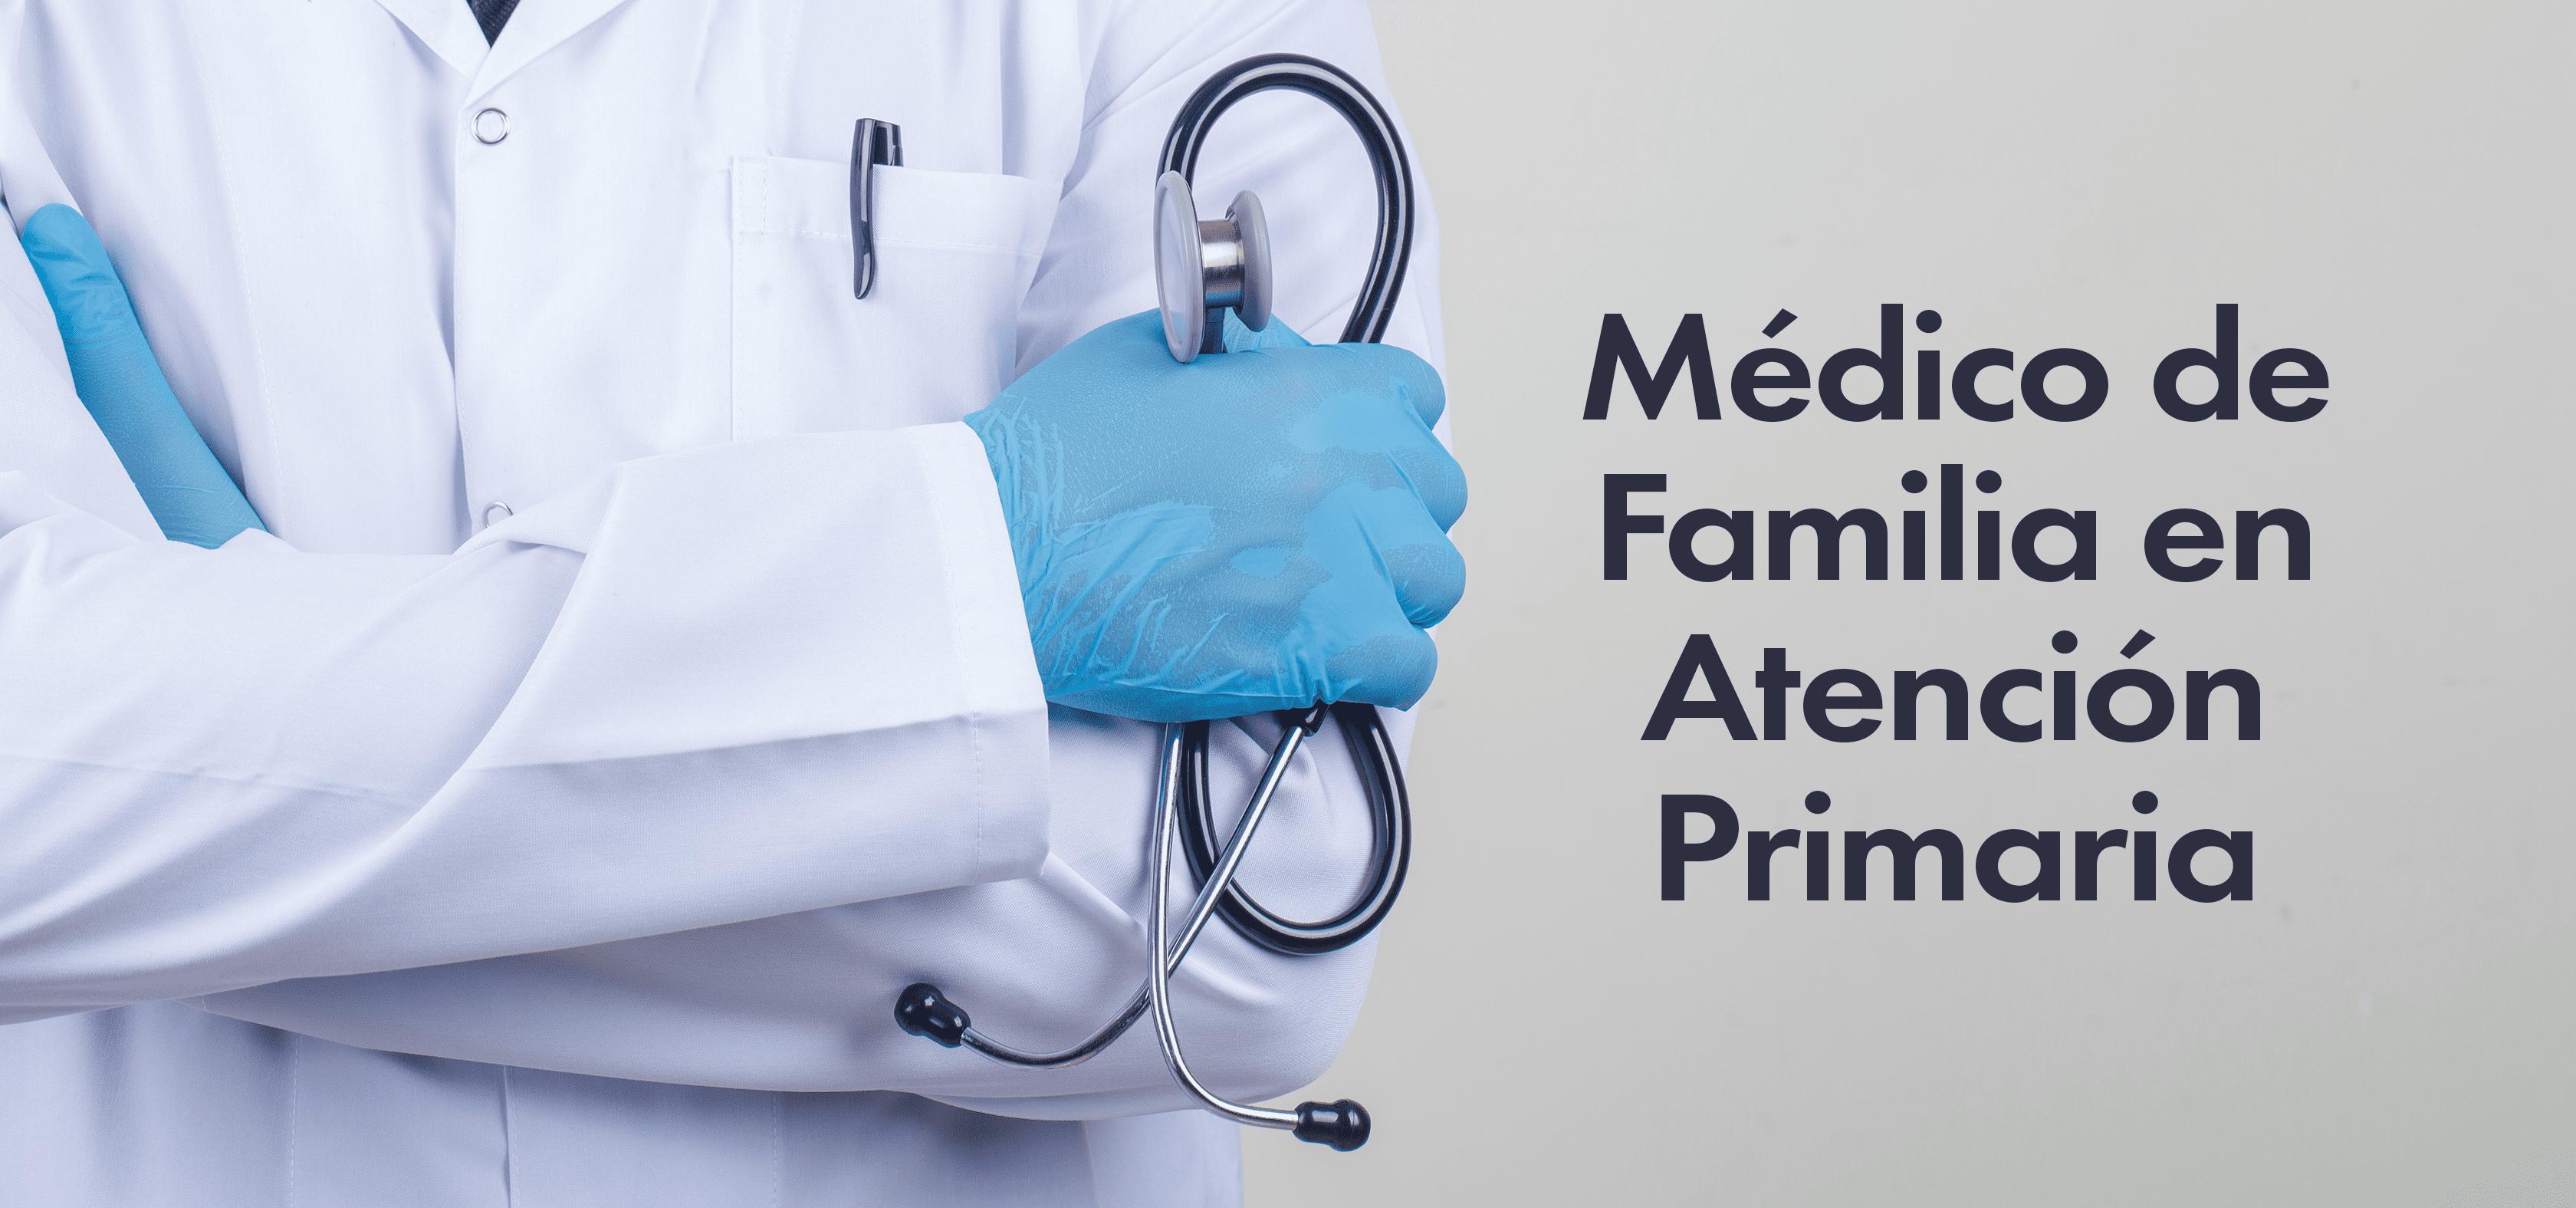 Médico de Familia en Atención Primaria